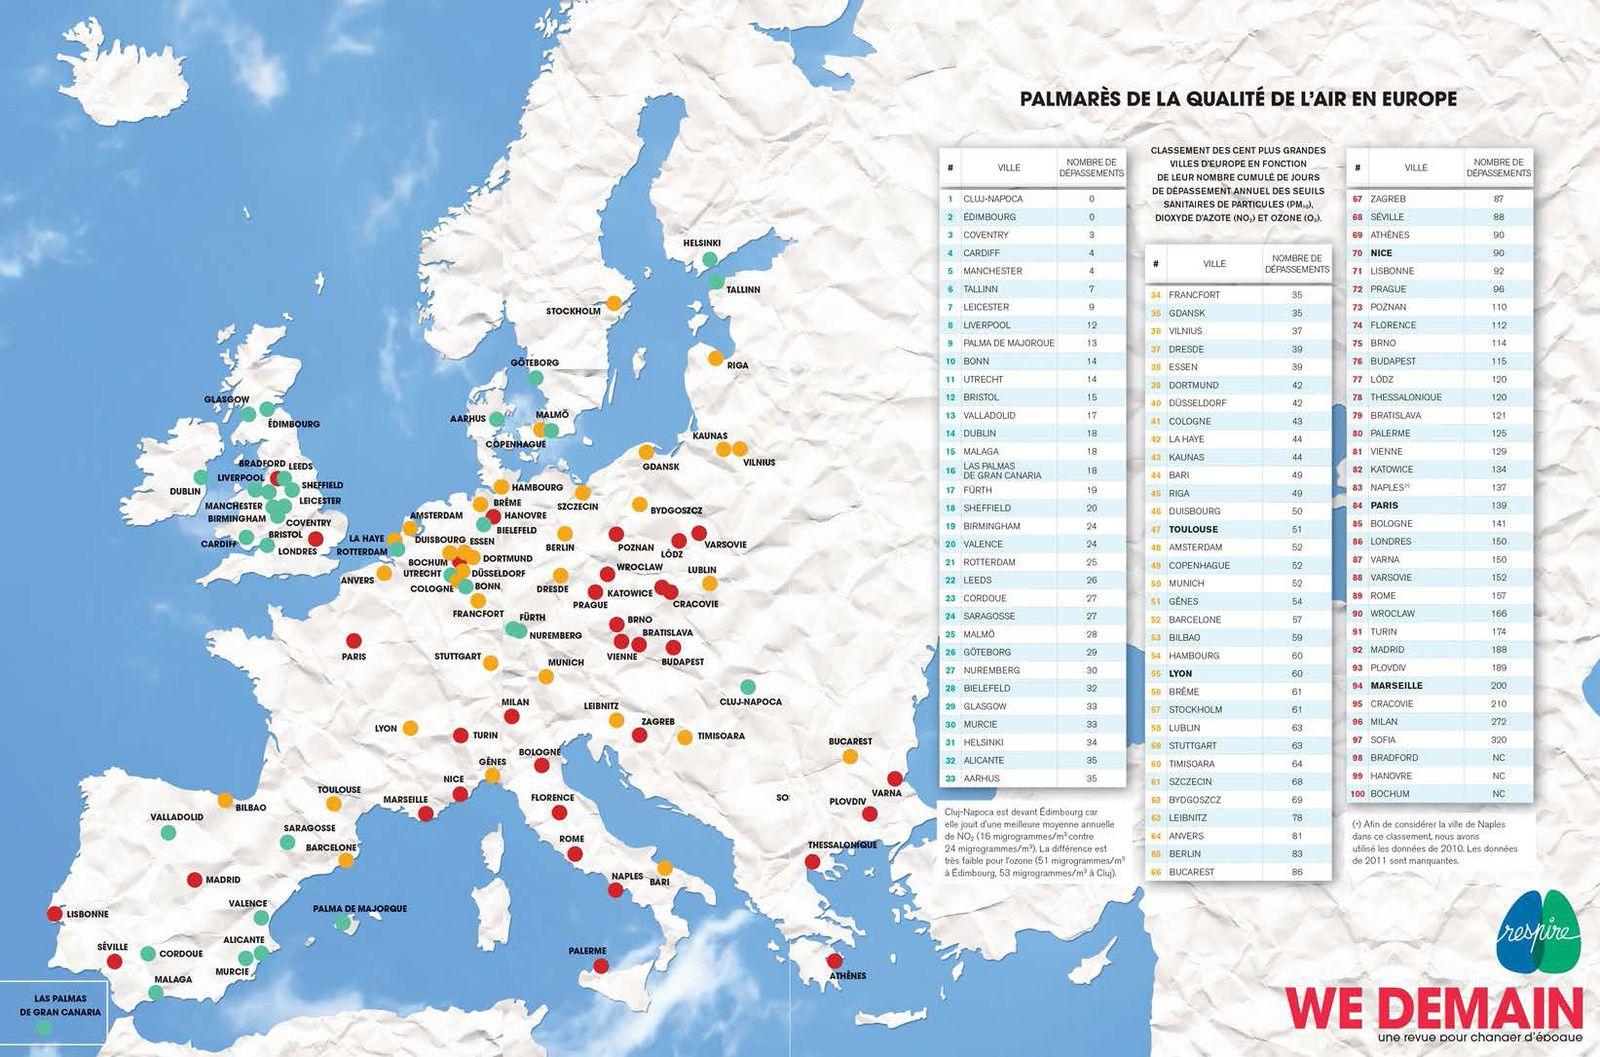 carte europe qualite de l'air